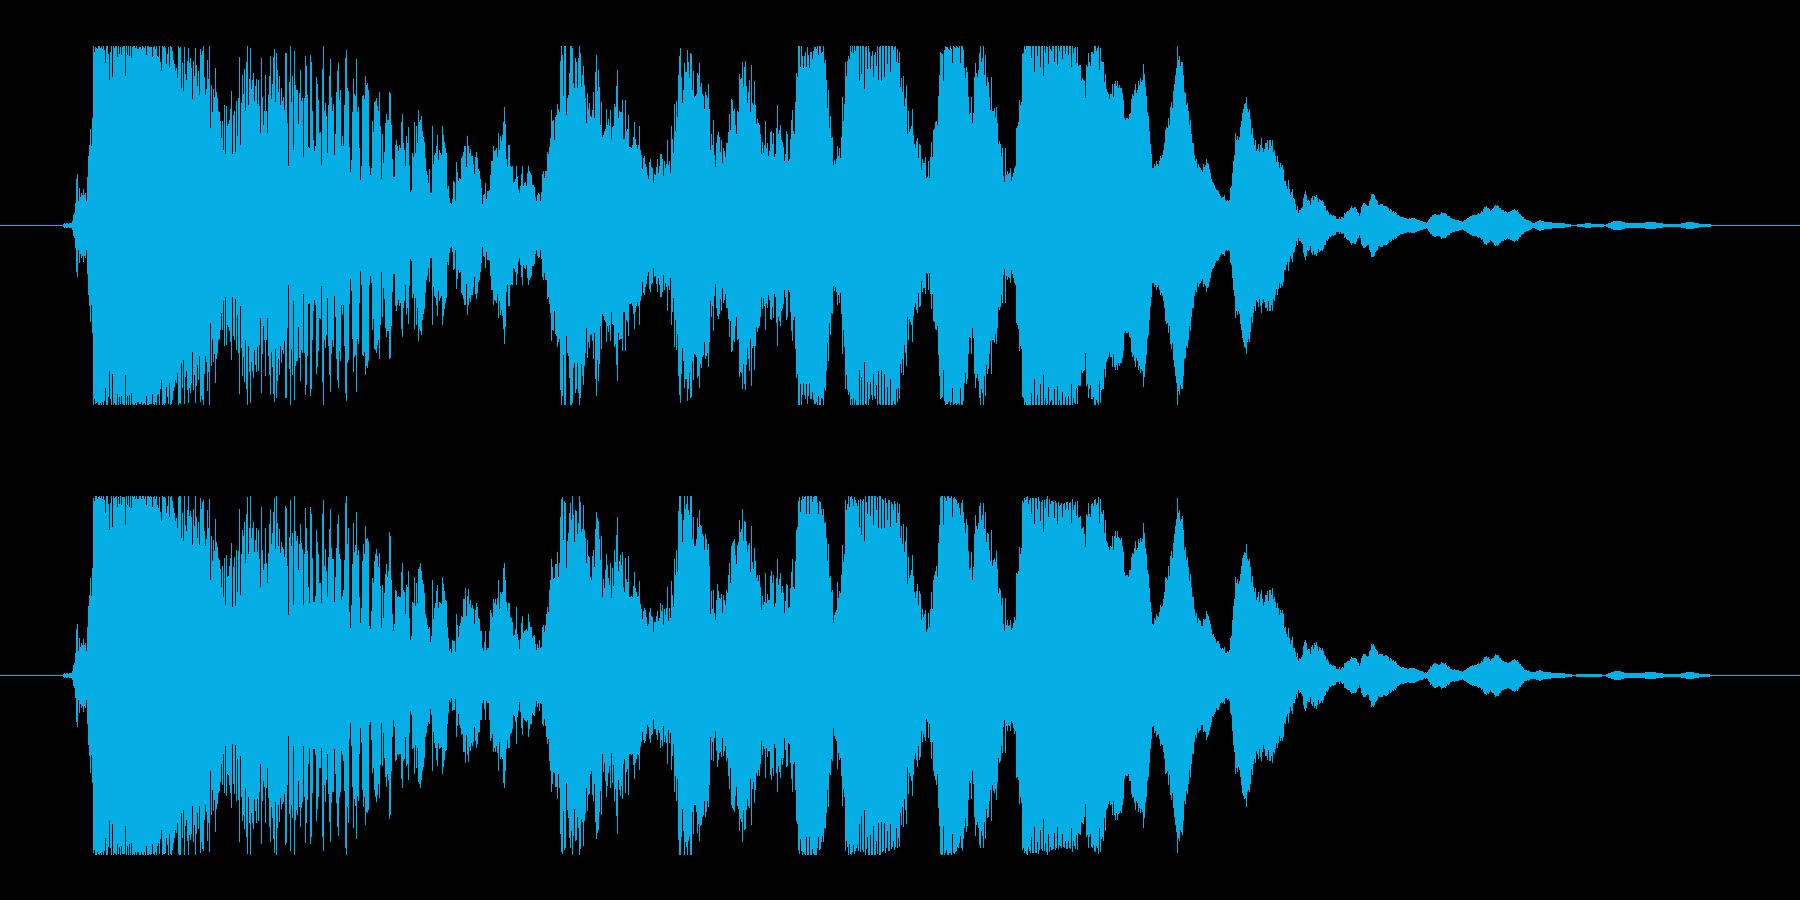 チュイーン(パチンコ当たりの音)の再生済みの波形